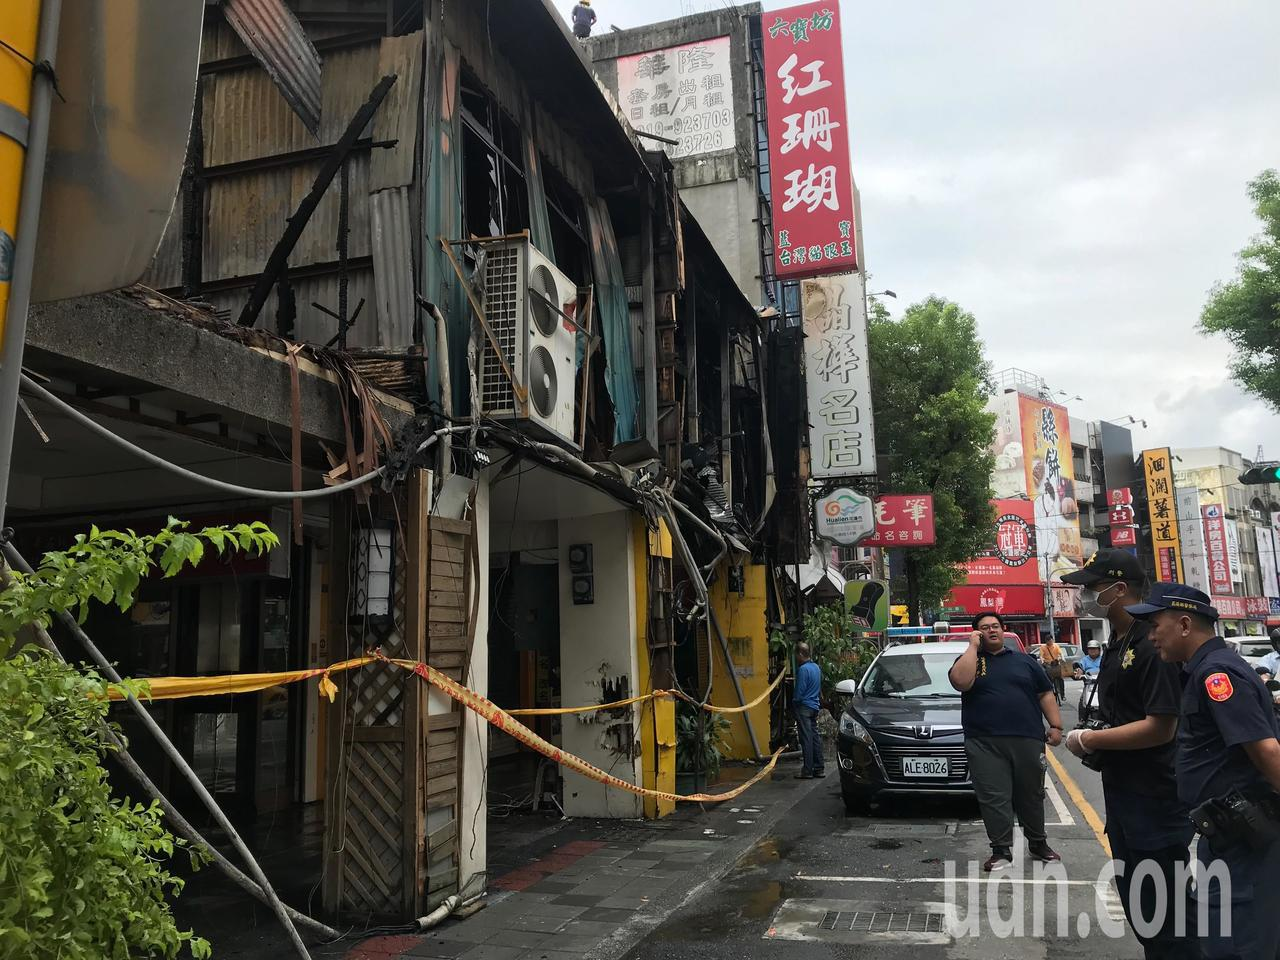 花蓮市公園路上昨天發生火災,許多店家財損嚴重。記者王思慧/攝影